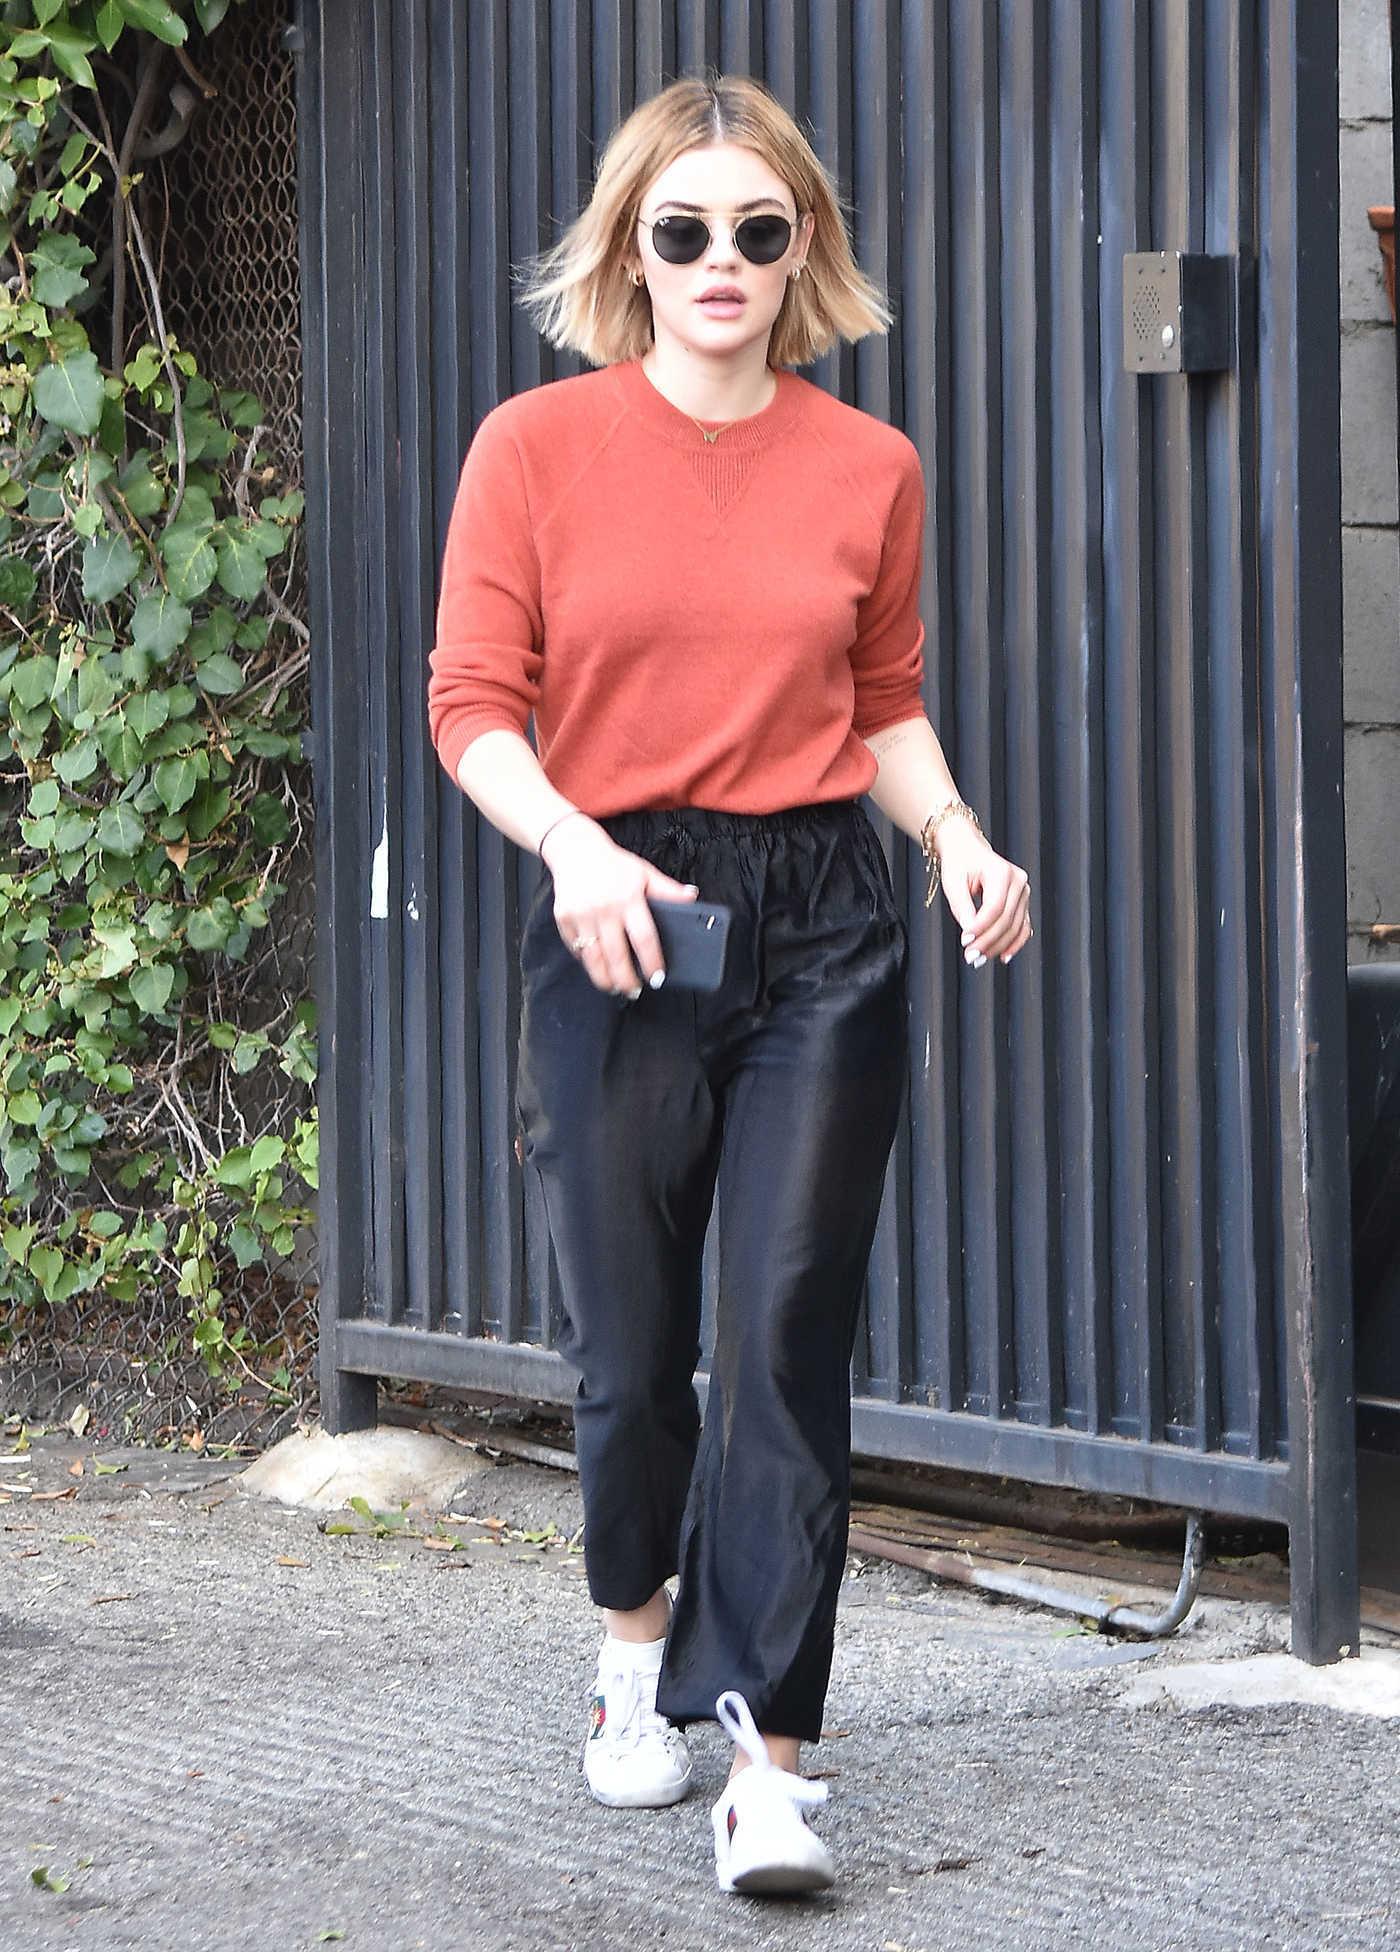 Lucy Hale in an Orange Sweater Was Seen Out in LA 12/18/2018